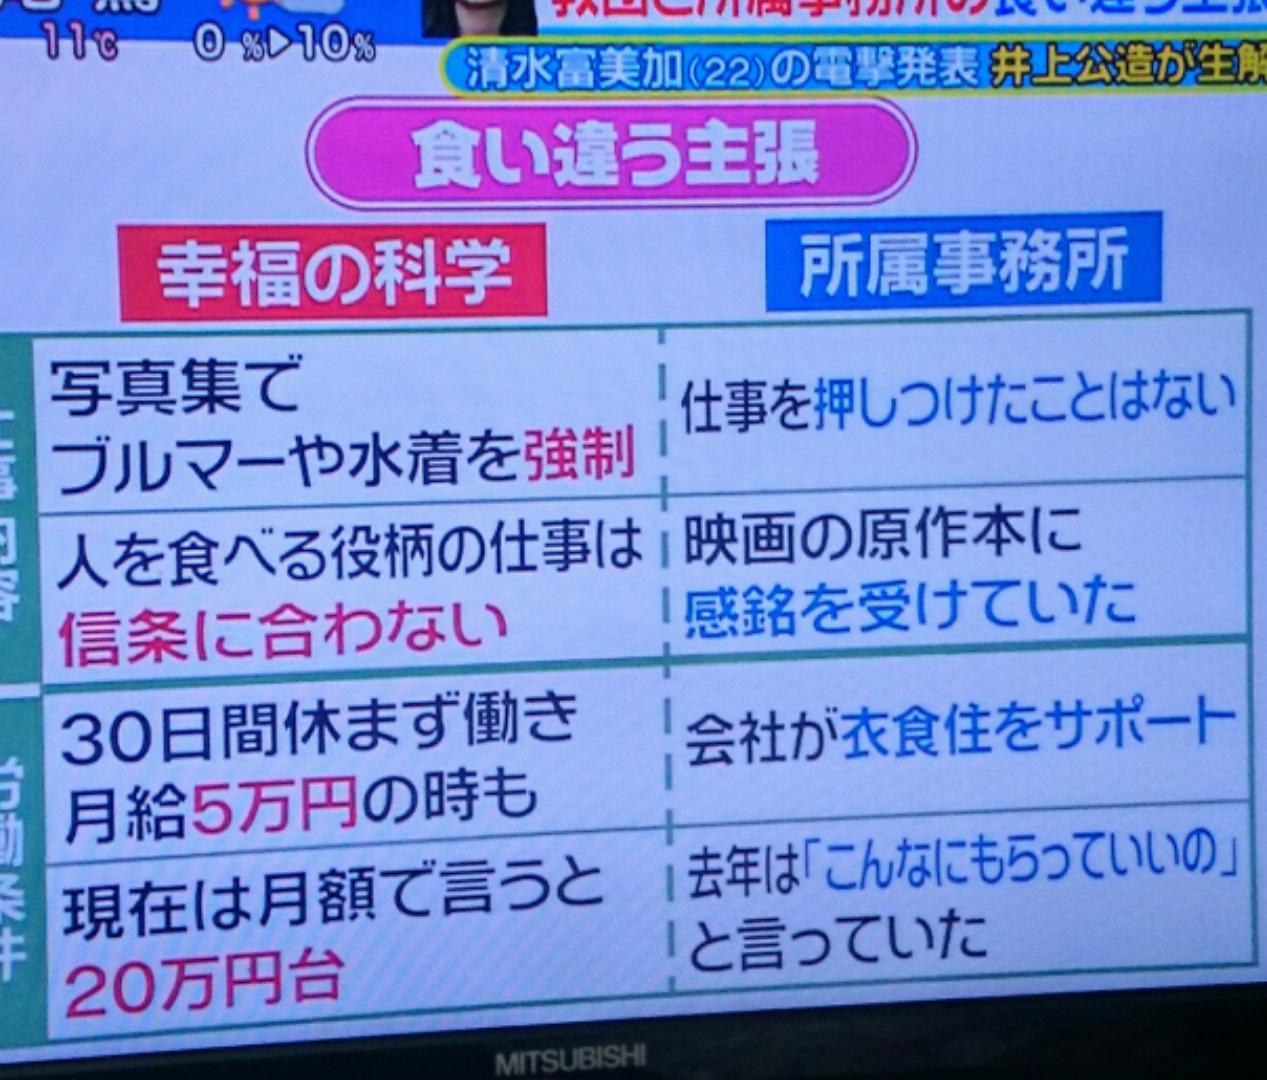 【エンタメ画像】清水ふみかの現在の月給20万!!!!!!!!!!!!